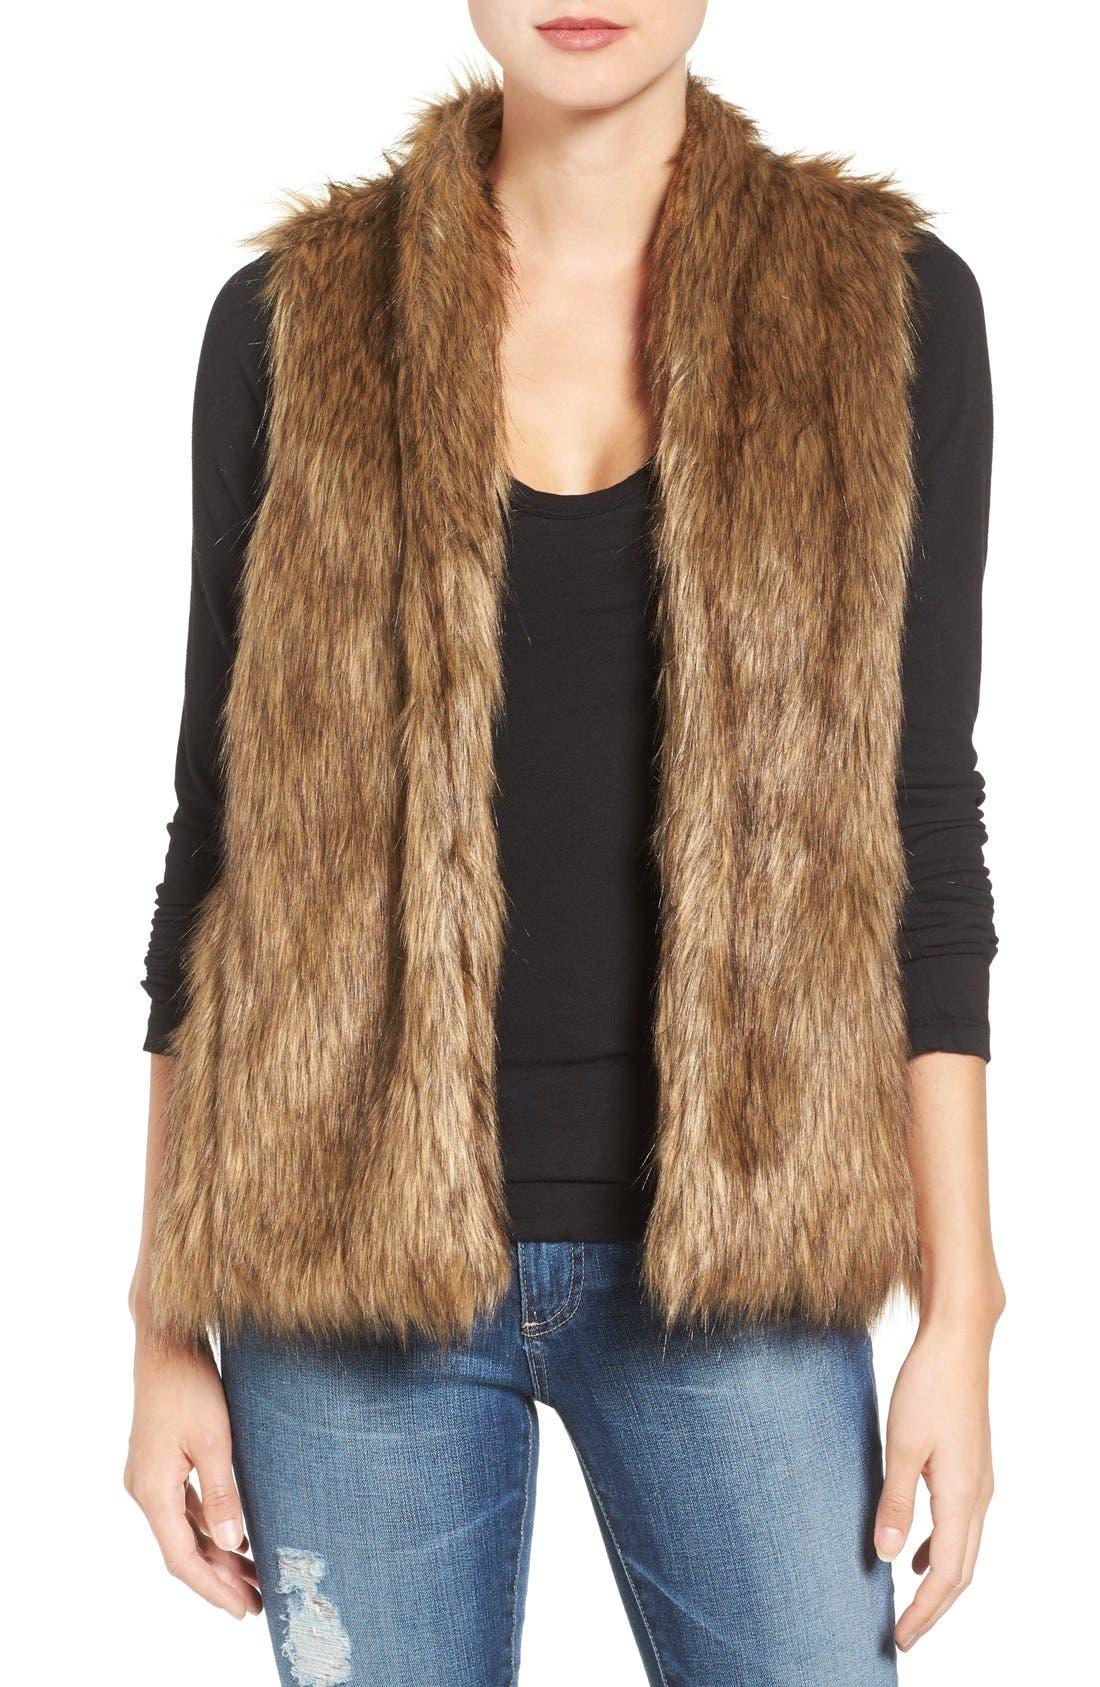 Faux Fur Vest,                         Main,                         color, Tan Brown Faux Fur